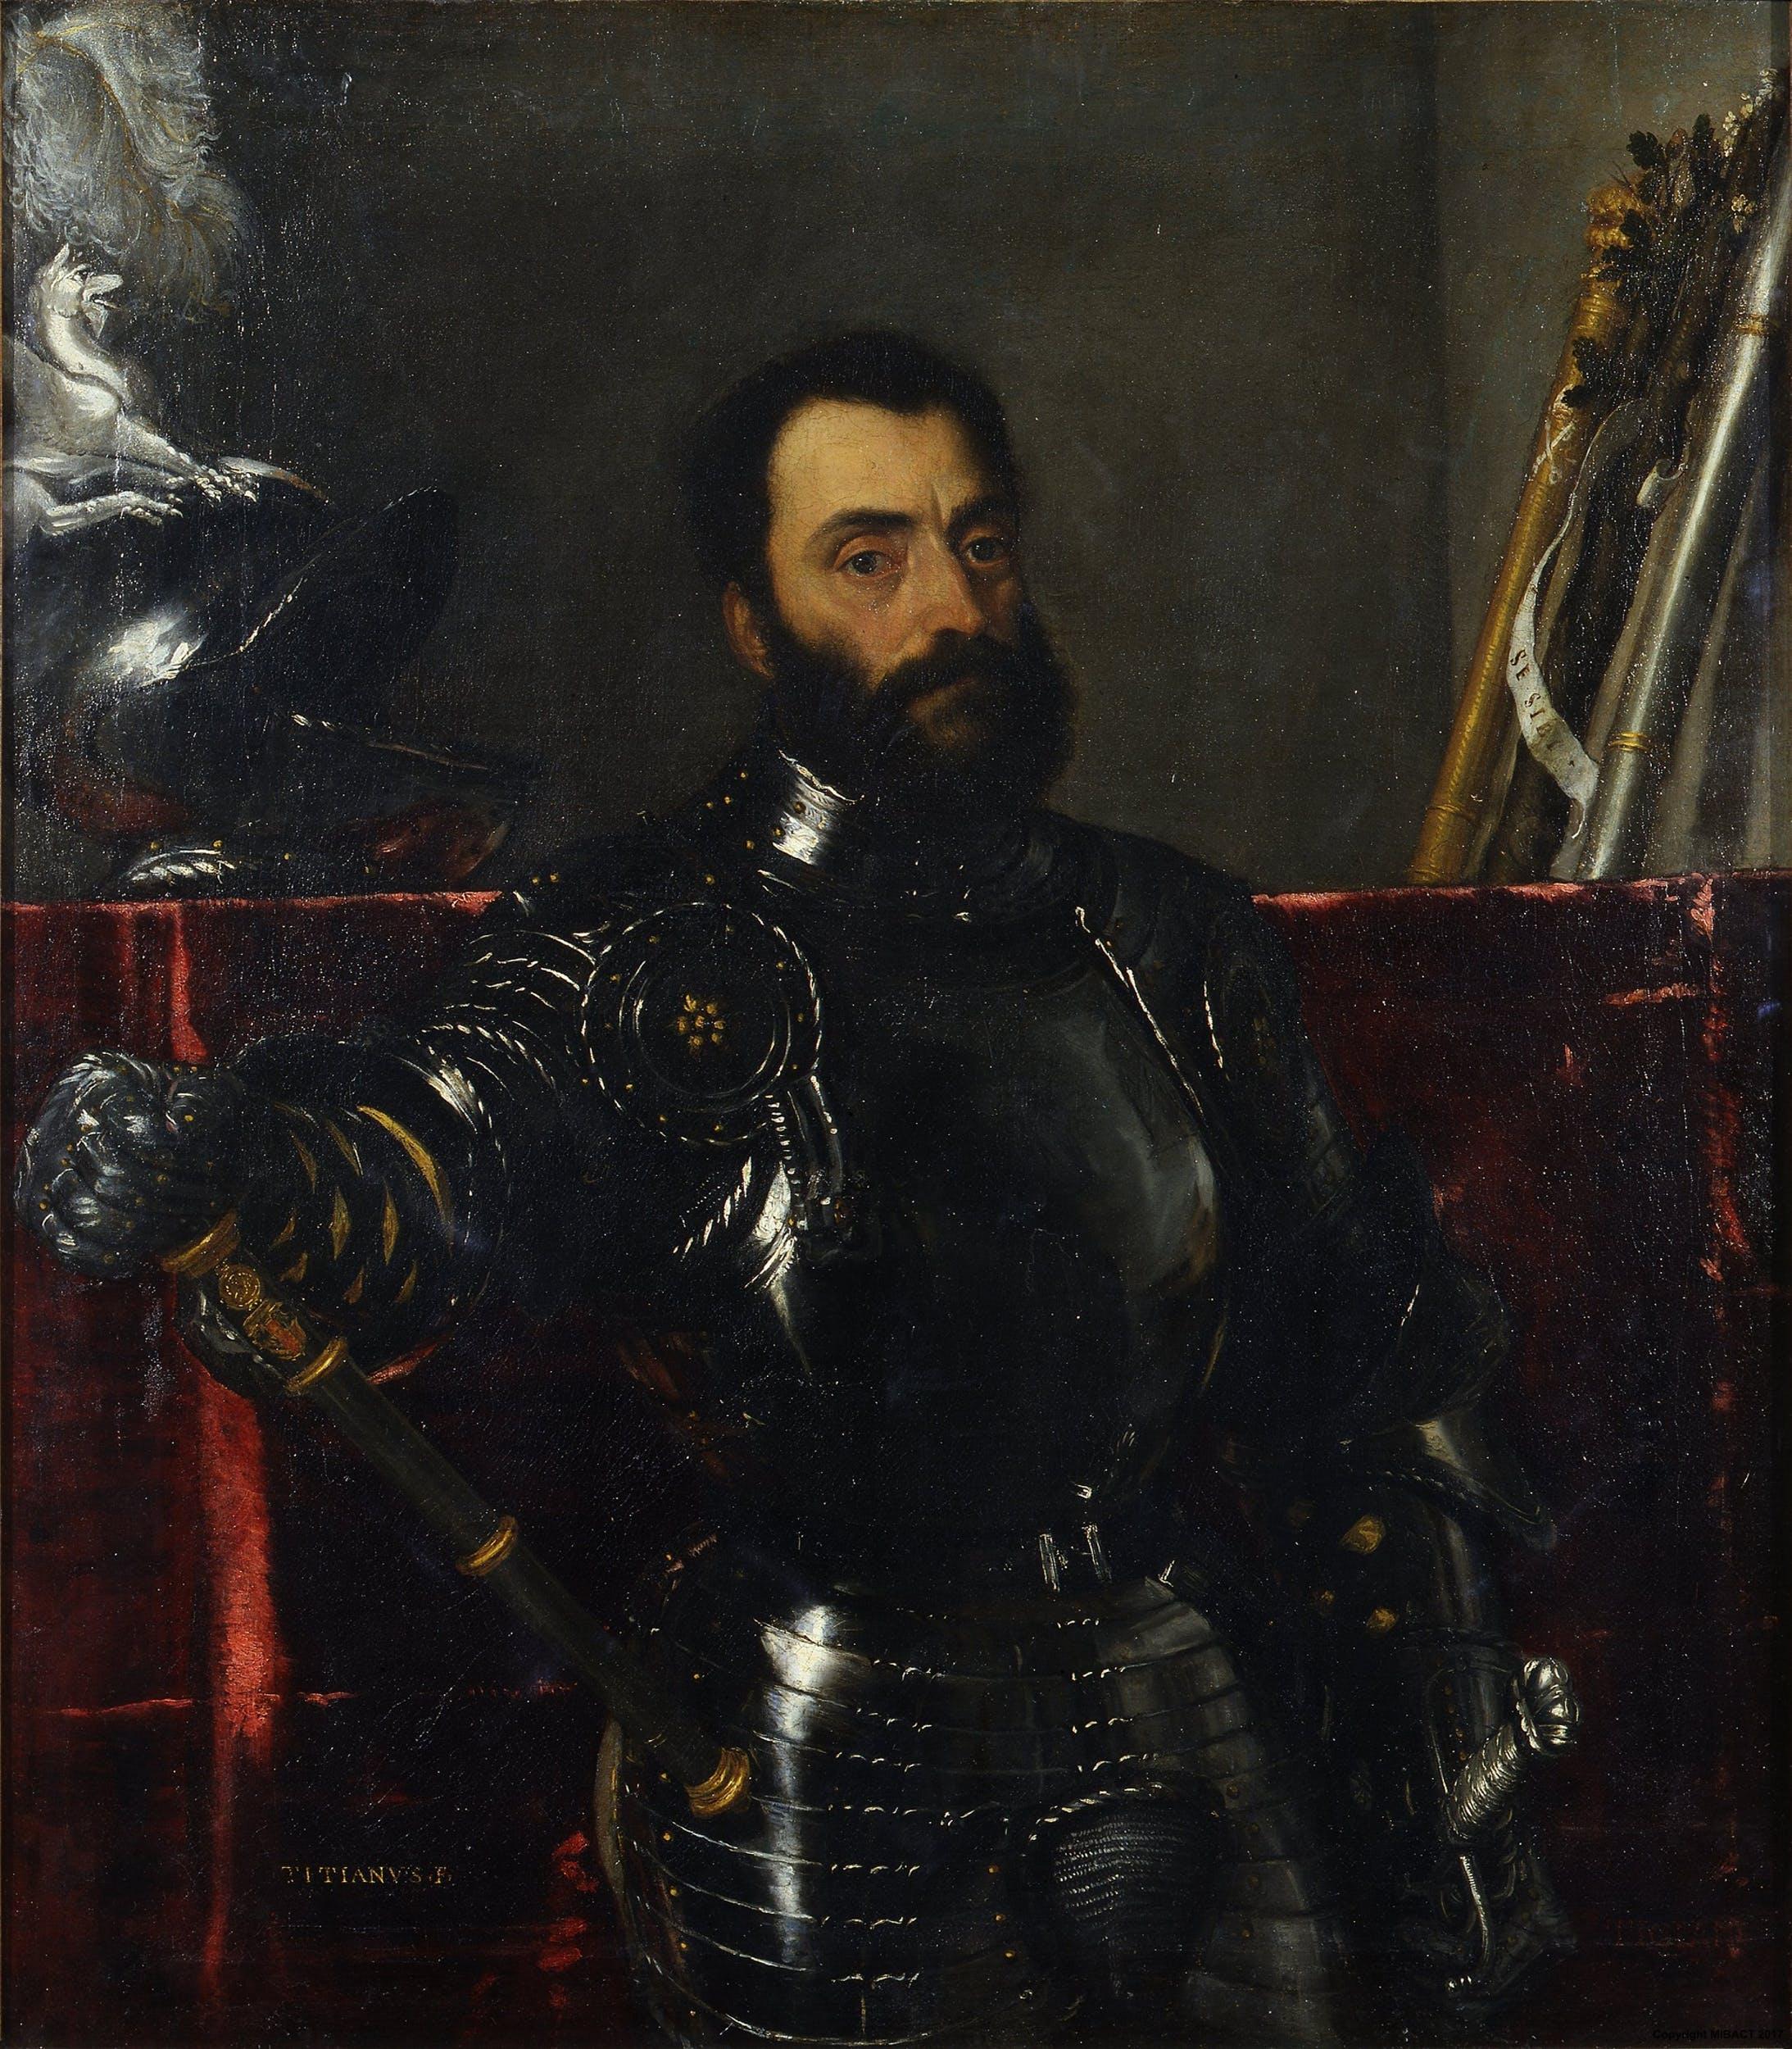 Gli Uffizi fanno tornare a casa il ritratto del duca d'Urbino. L'opera nelle Marche dopo 400 anni